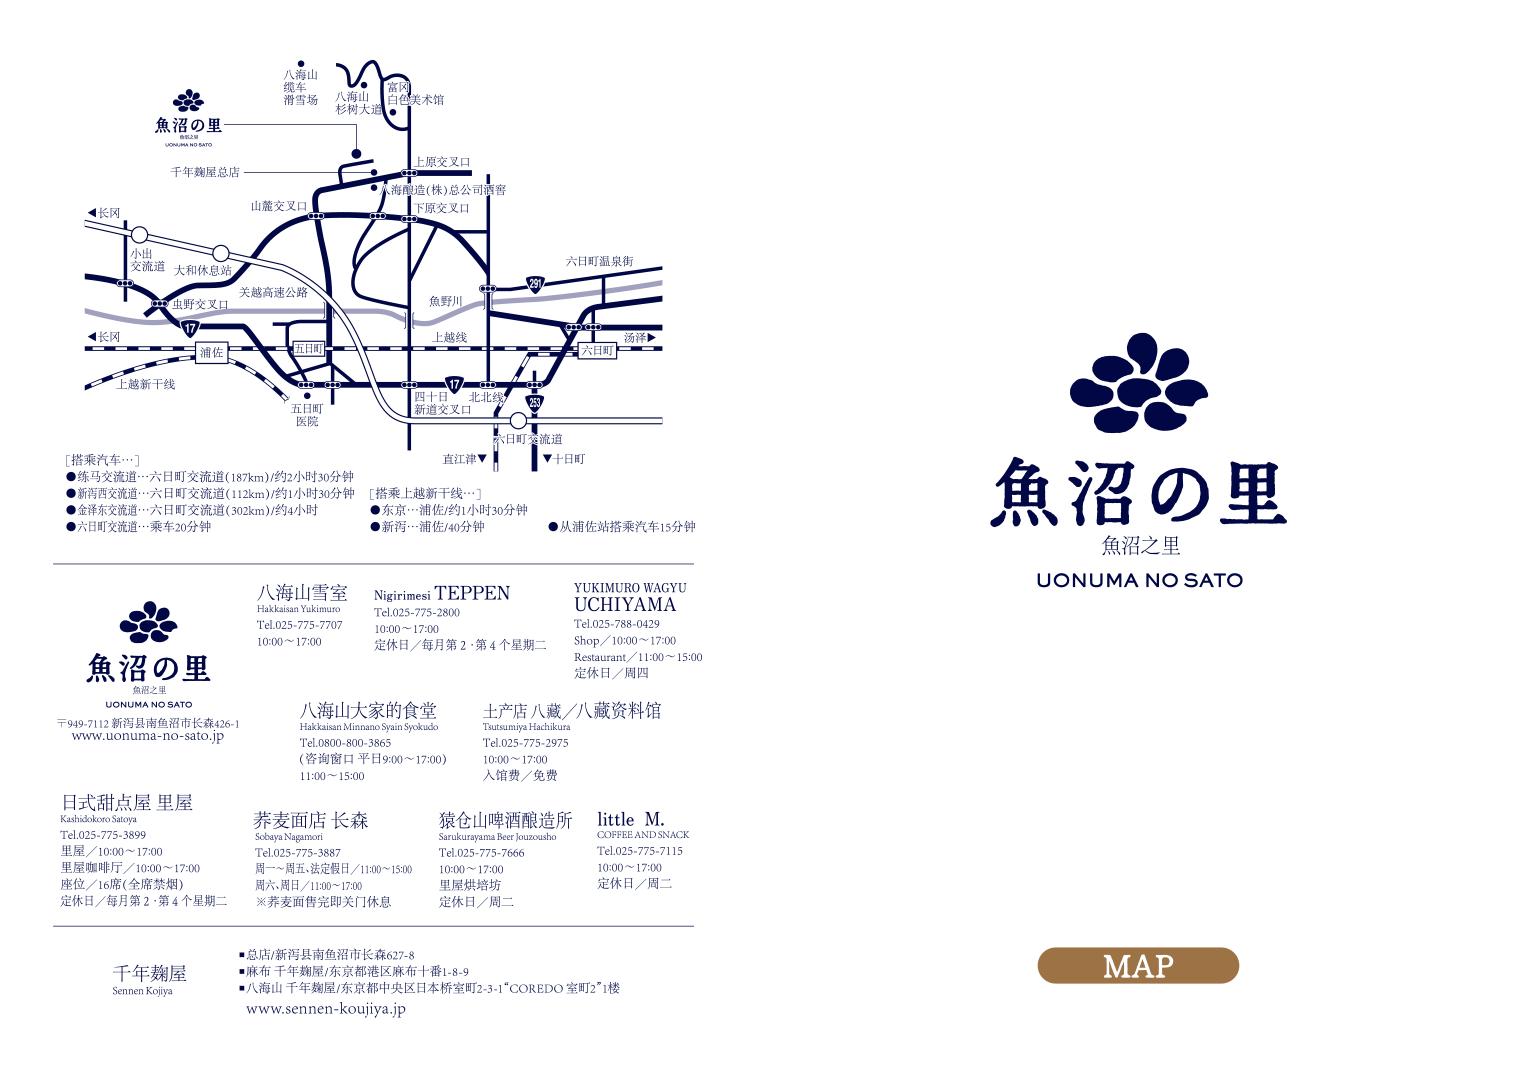 魚沼の里_里マップ_中国語簡体2-1